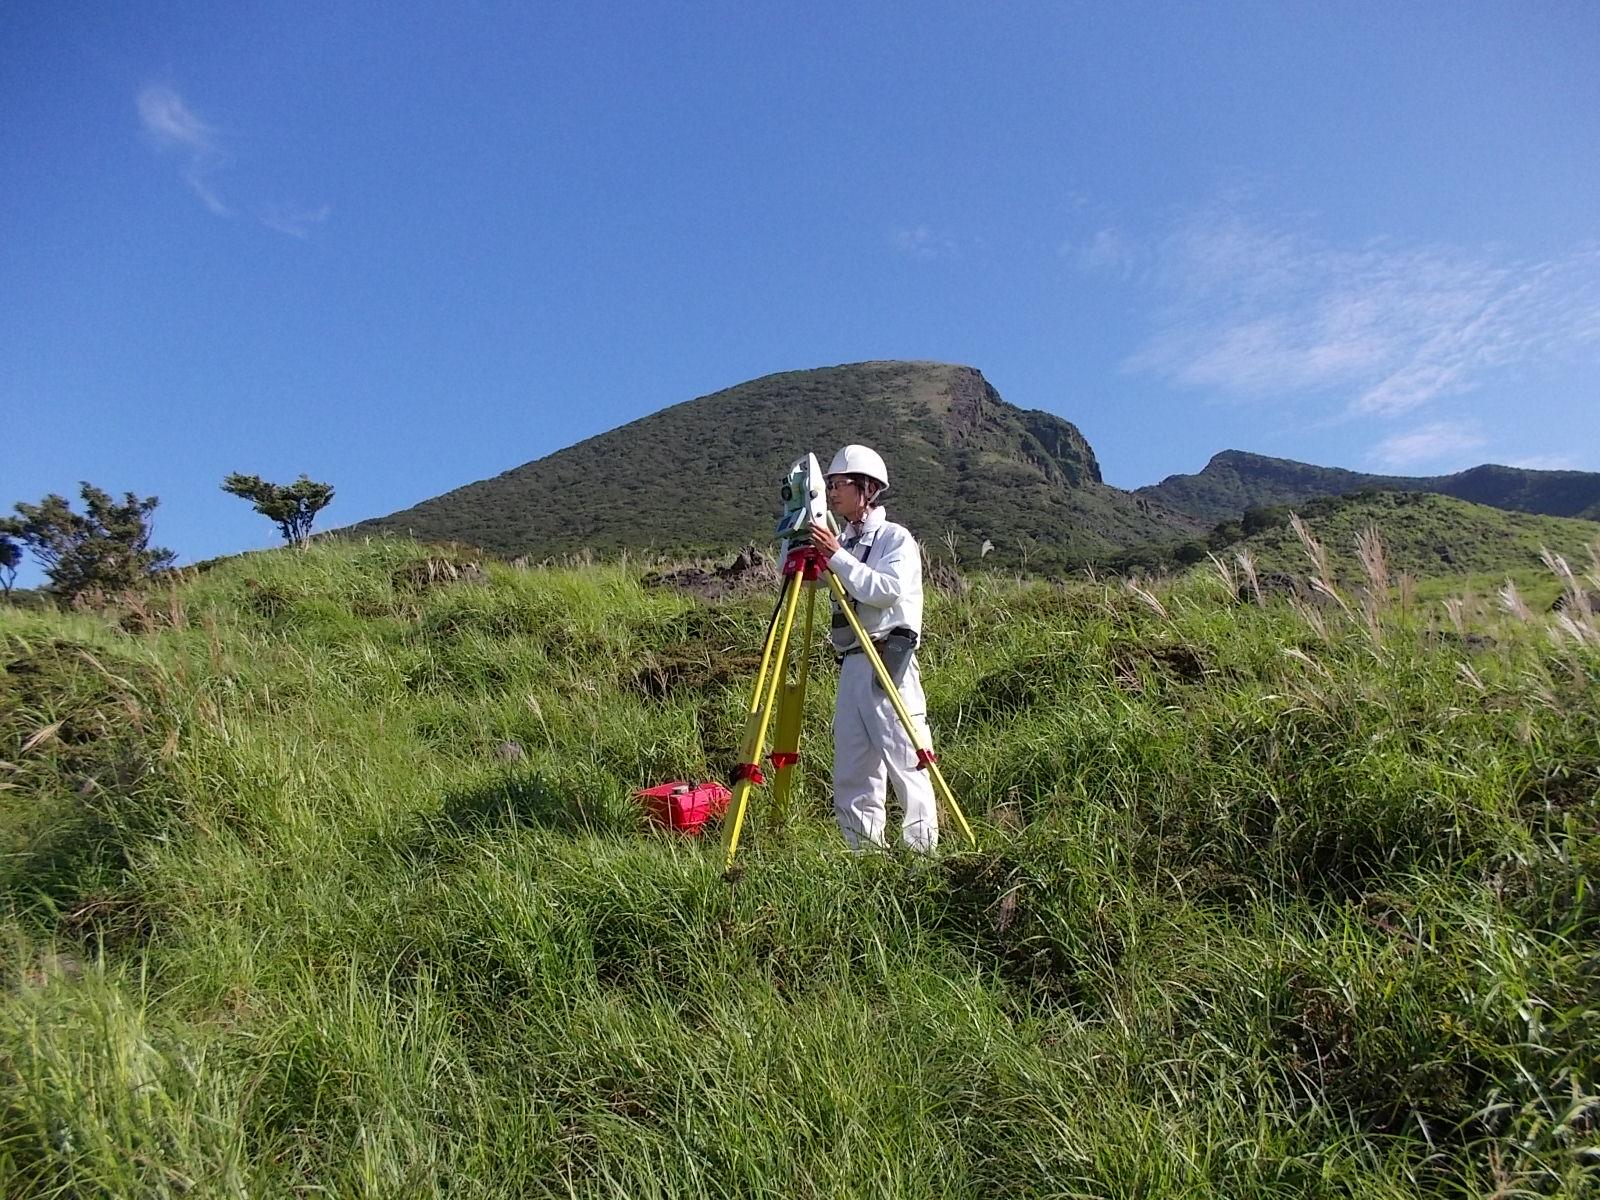 47火山観測整備に伴う用地測量業務(福岡管区)